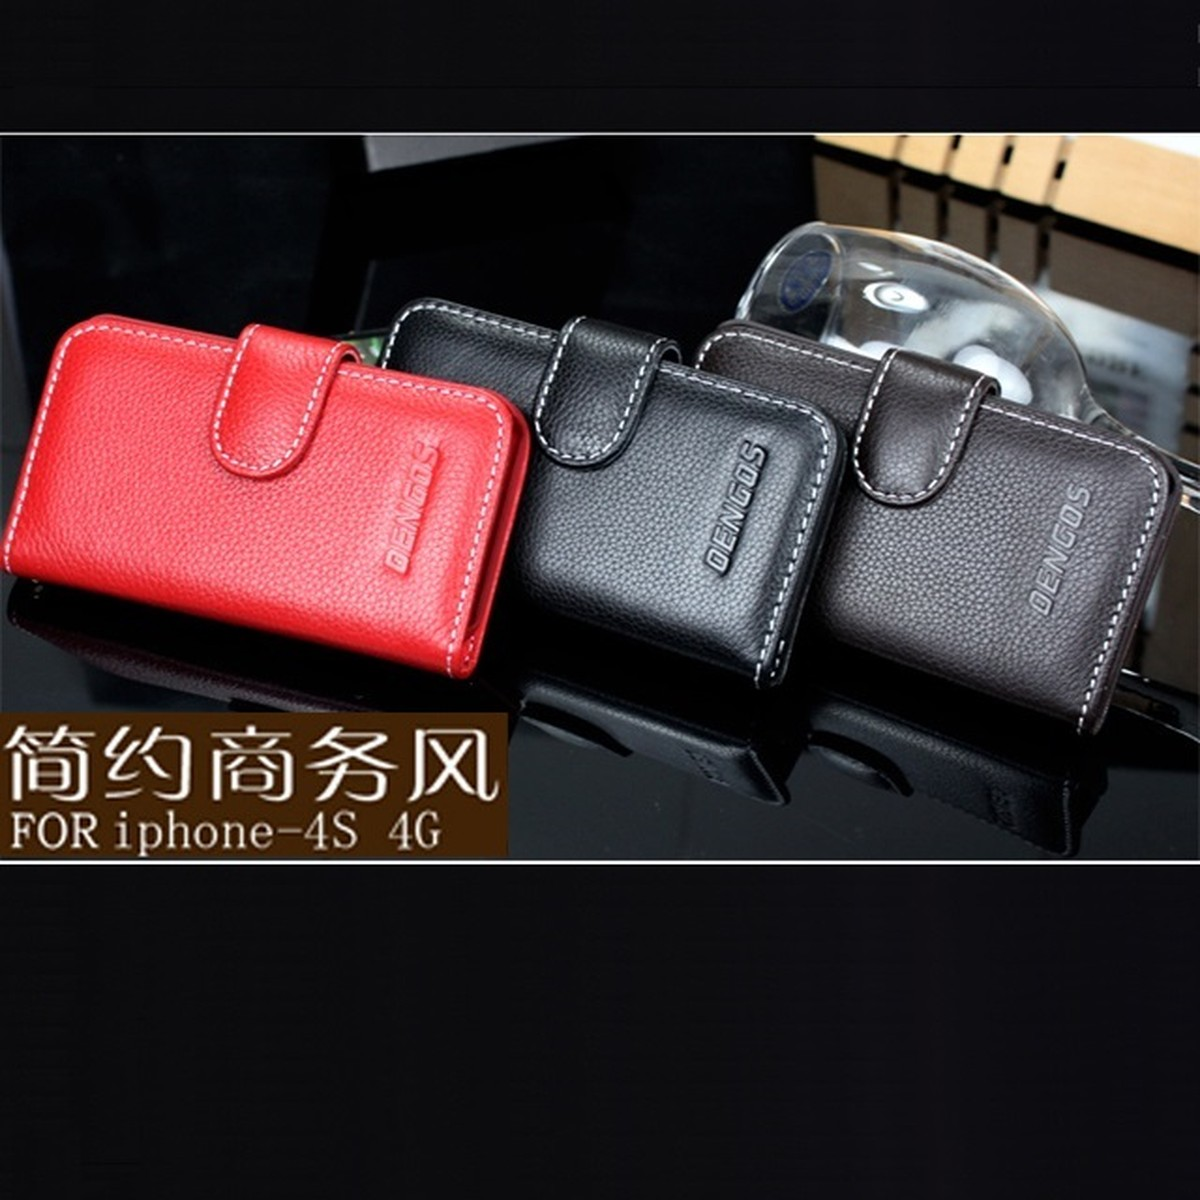 本物 ゆうパケット 日本最大級の品揃え メール便 送料200円 iPhone4 4S 高級本革 牛革 本革ケースA カバー 赤色 黒色 濃い茶 スマートフォンケース